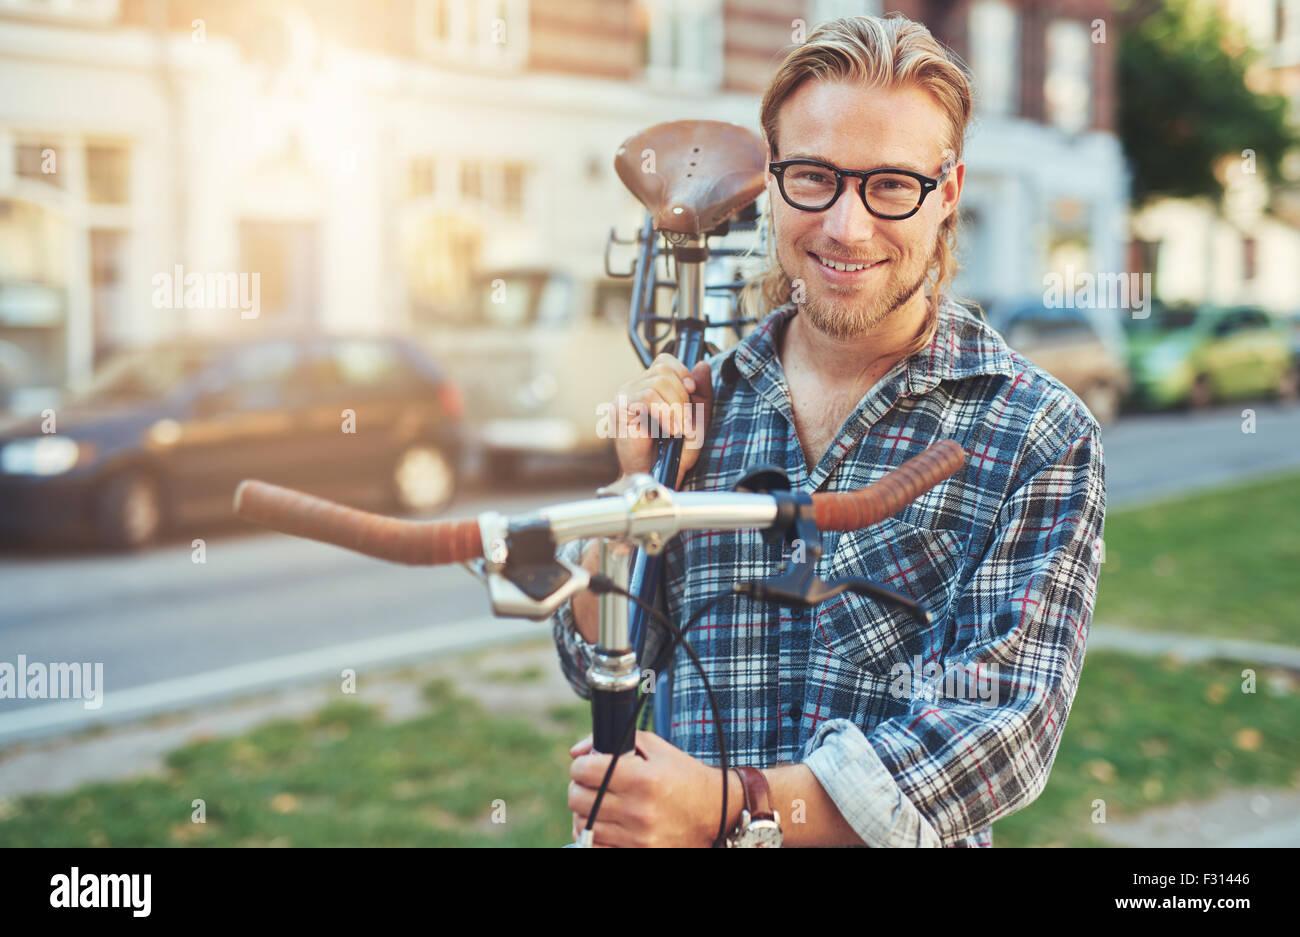 Junger Mann Stadt Lifestyle. mit dem Fahrrad auf seiner Schulter. lächelnd Portrait Stockbild